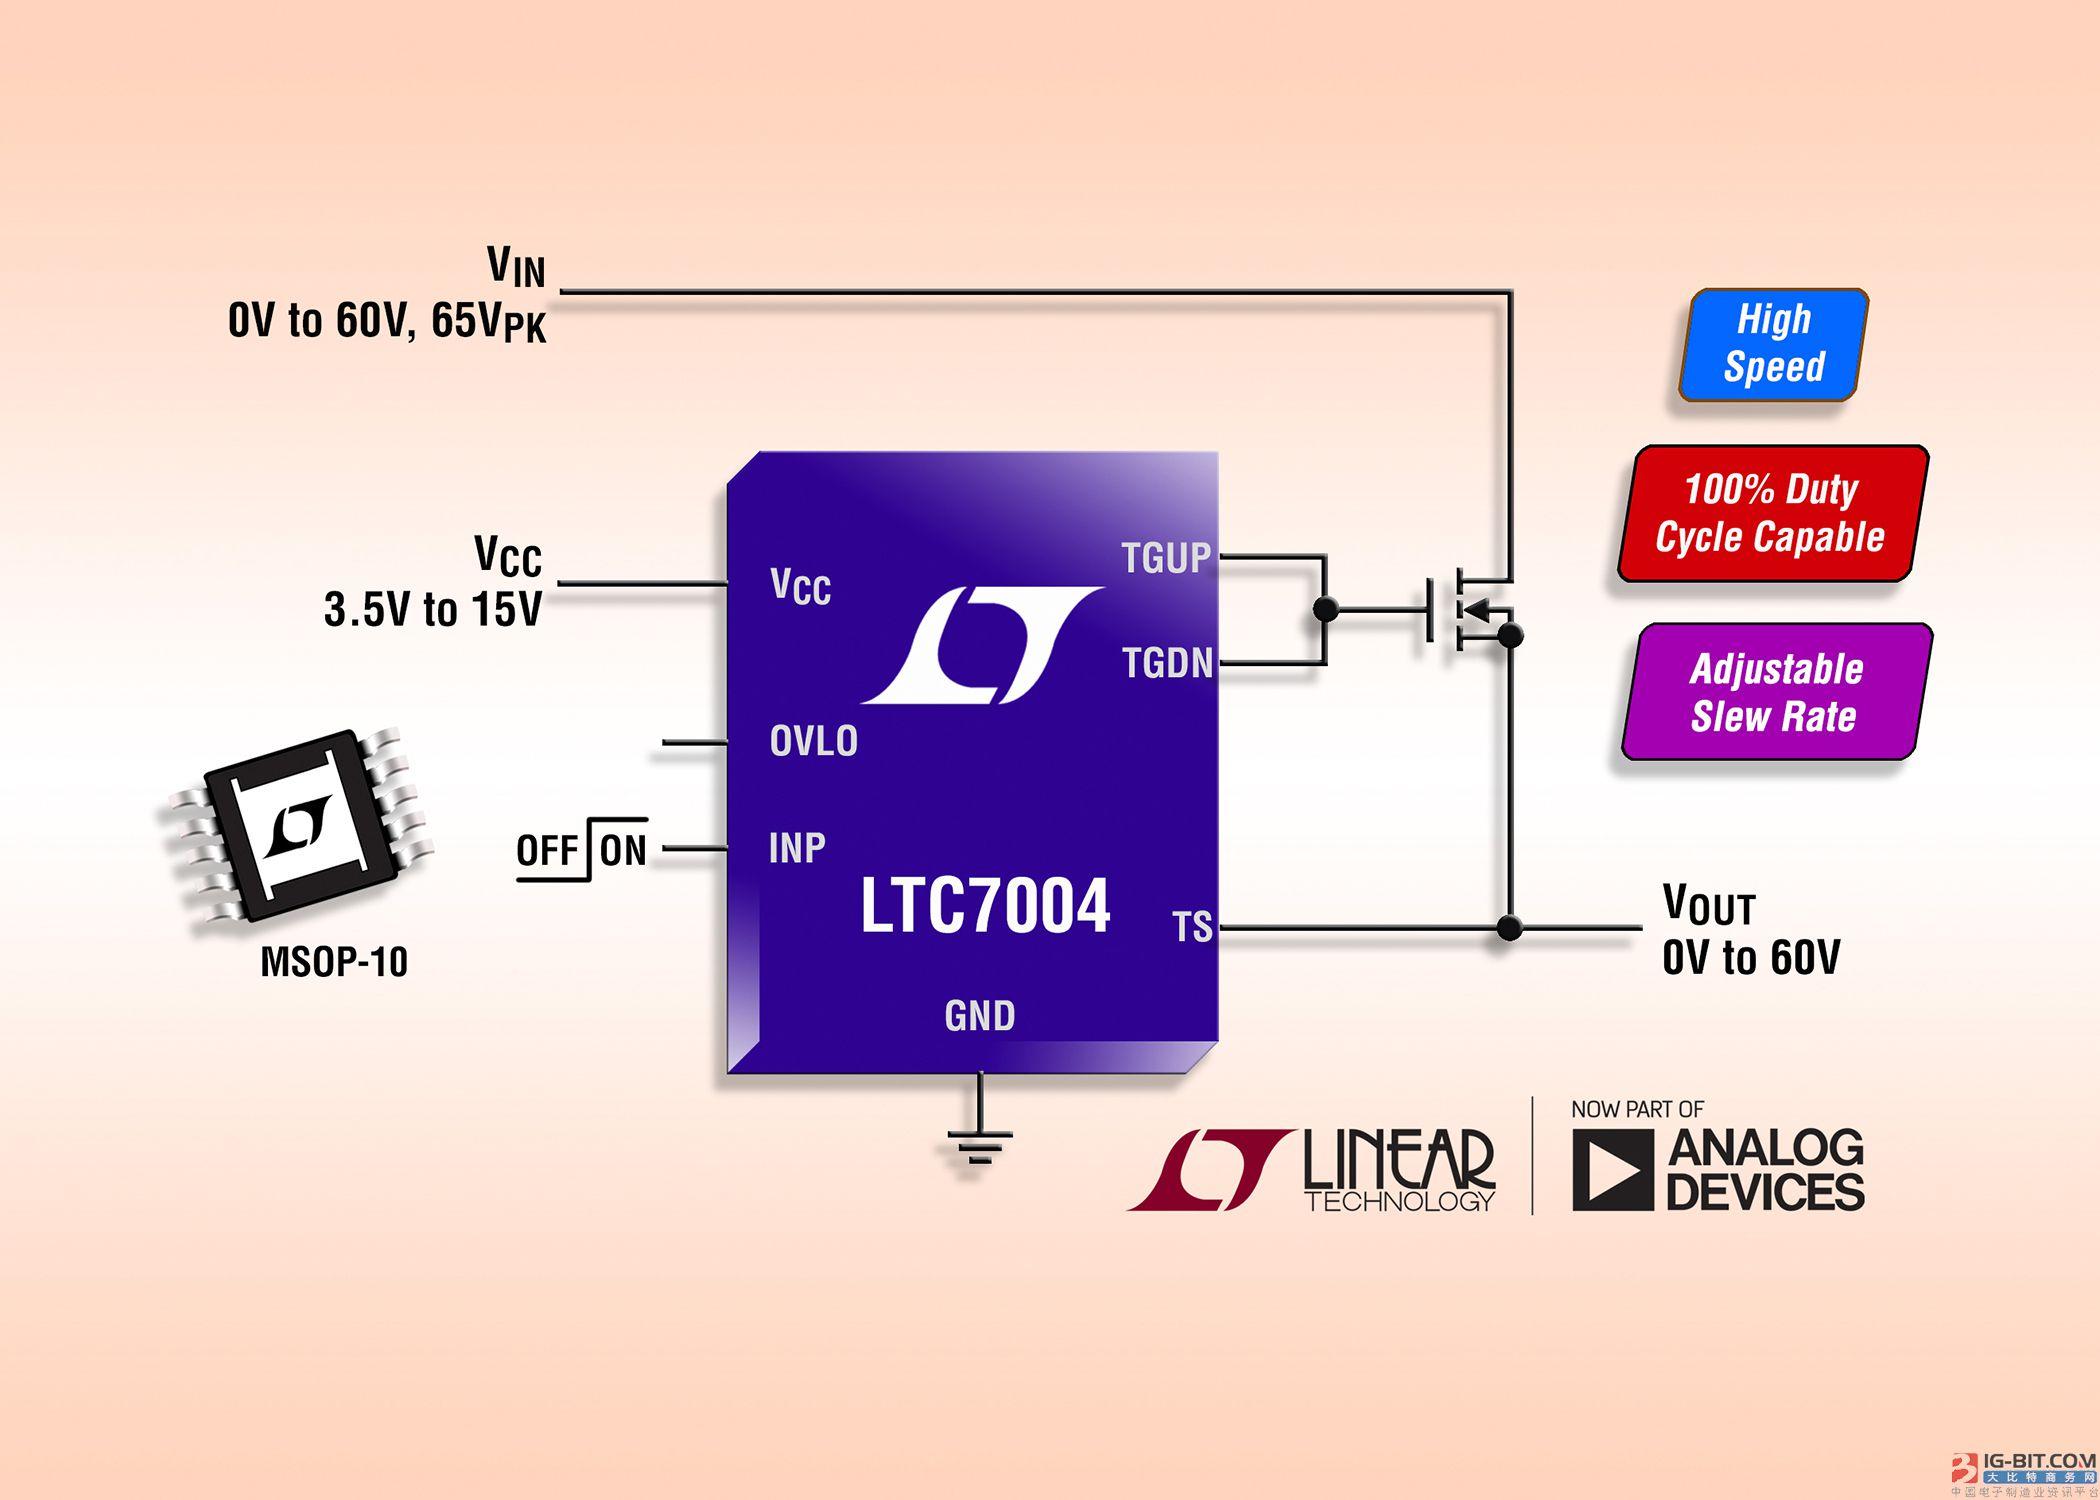 快速 60V 高压侧 N 沟道 MOSFET 驱动器 提供 100% 占空比能力